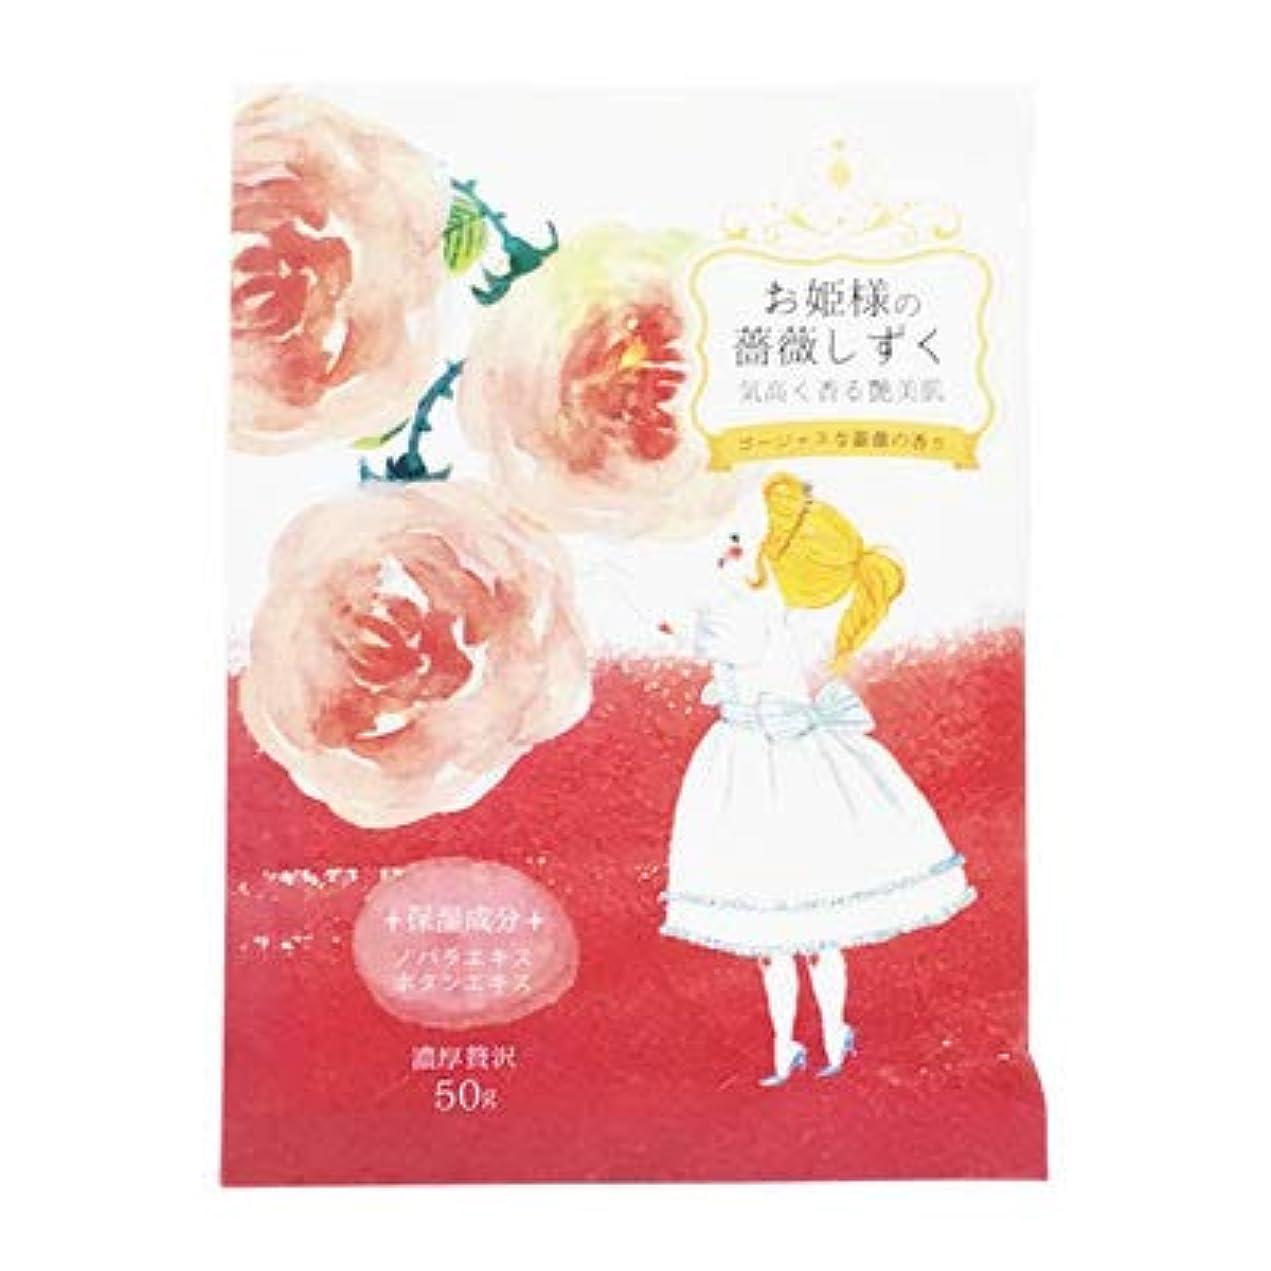 リングバック終わったうぬぼれた【まとめ買い6個セット】 お姫様風呂 薔薇しずく